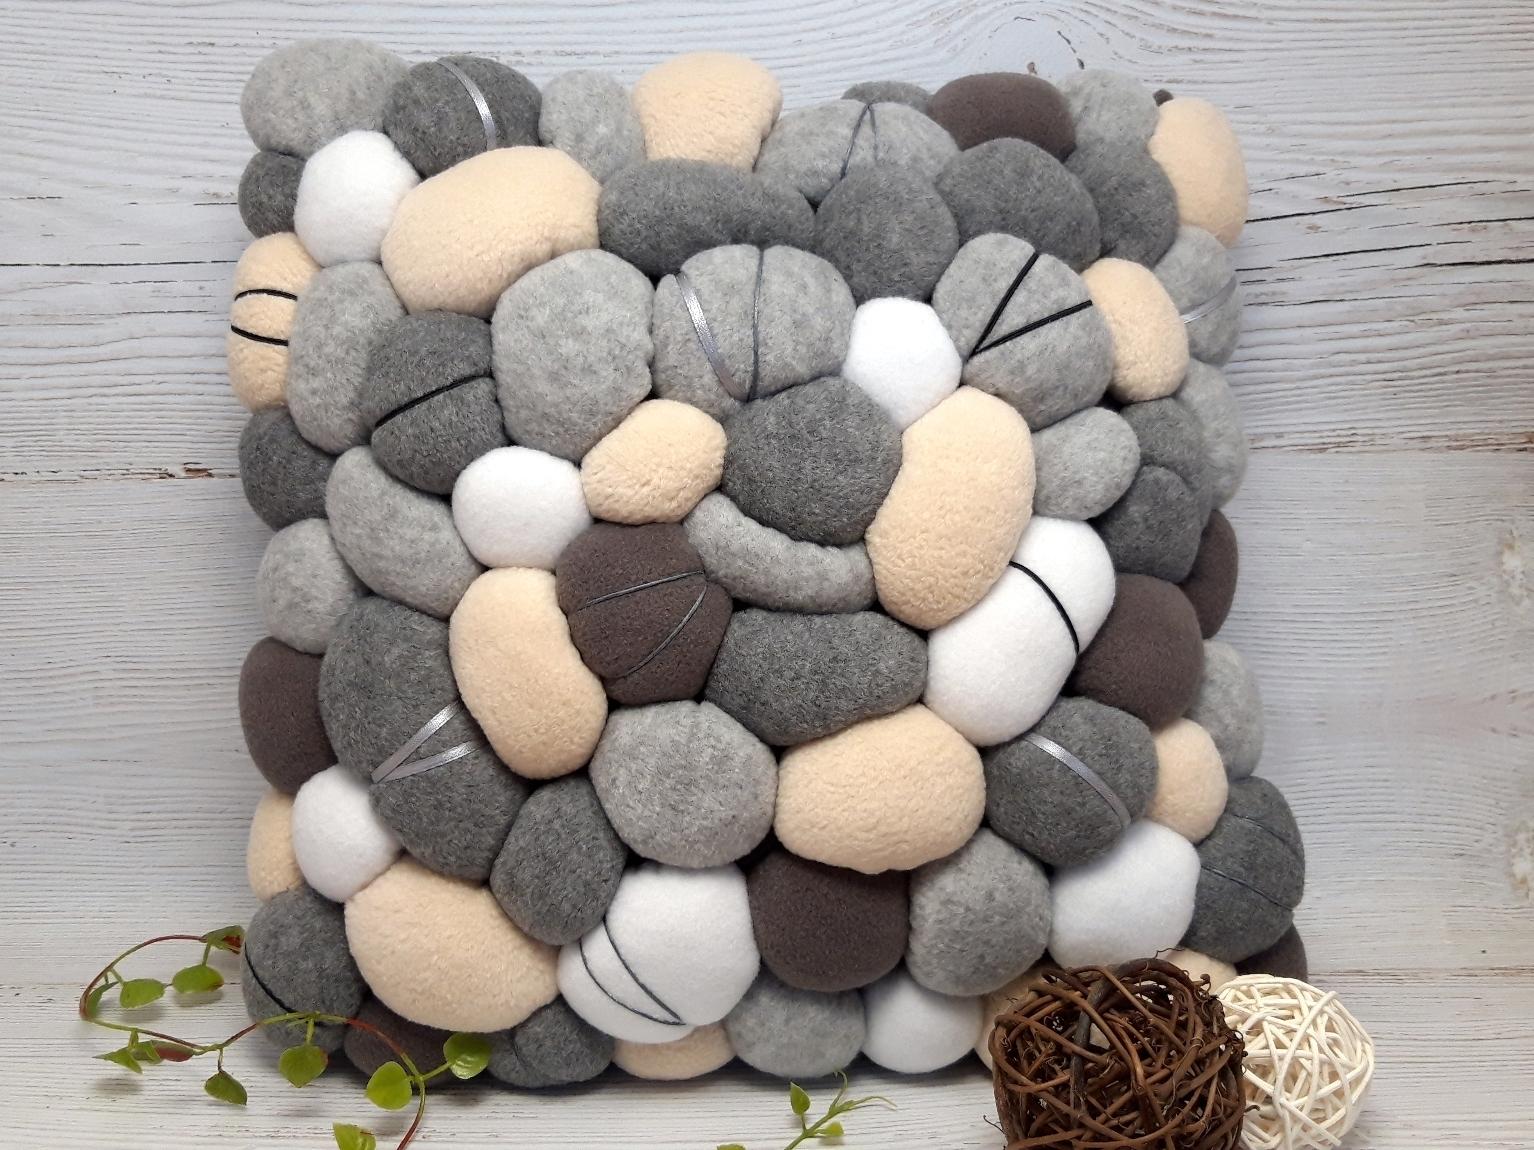 Каменная подуха